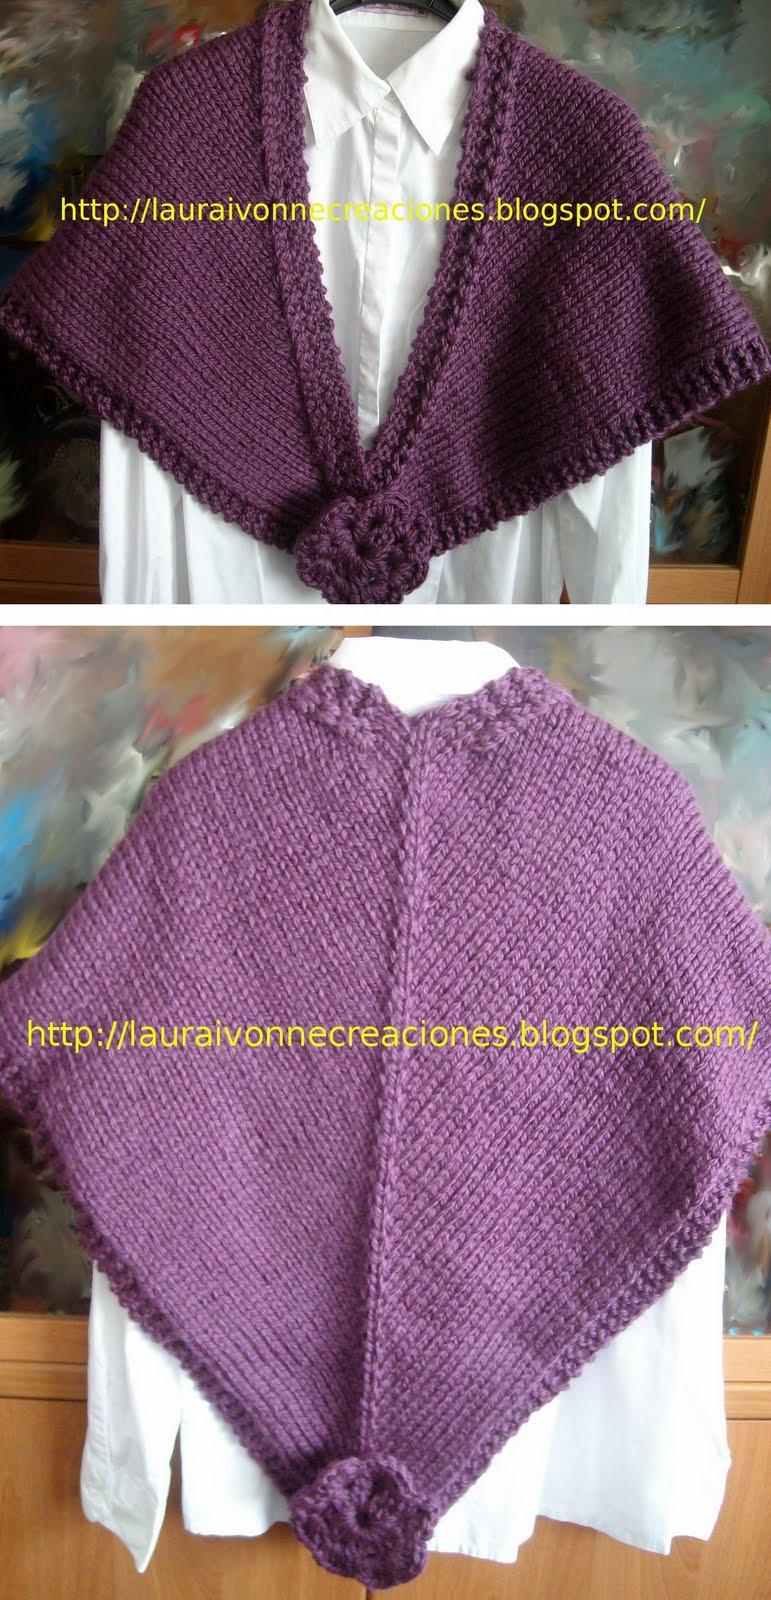 ... : Chal tejido con agujas circulares y flores en crochet de adorno